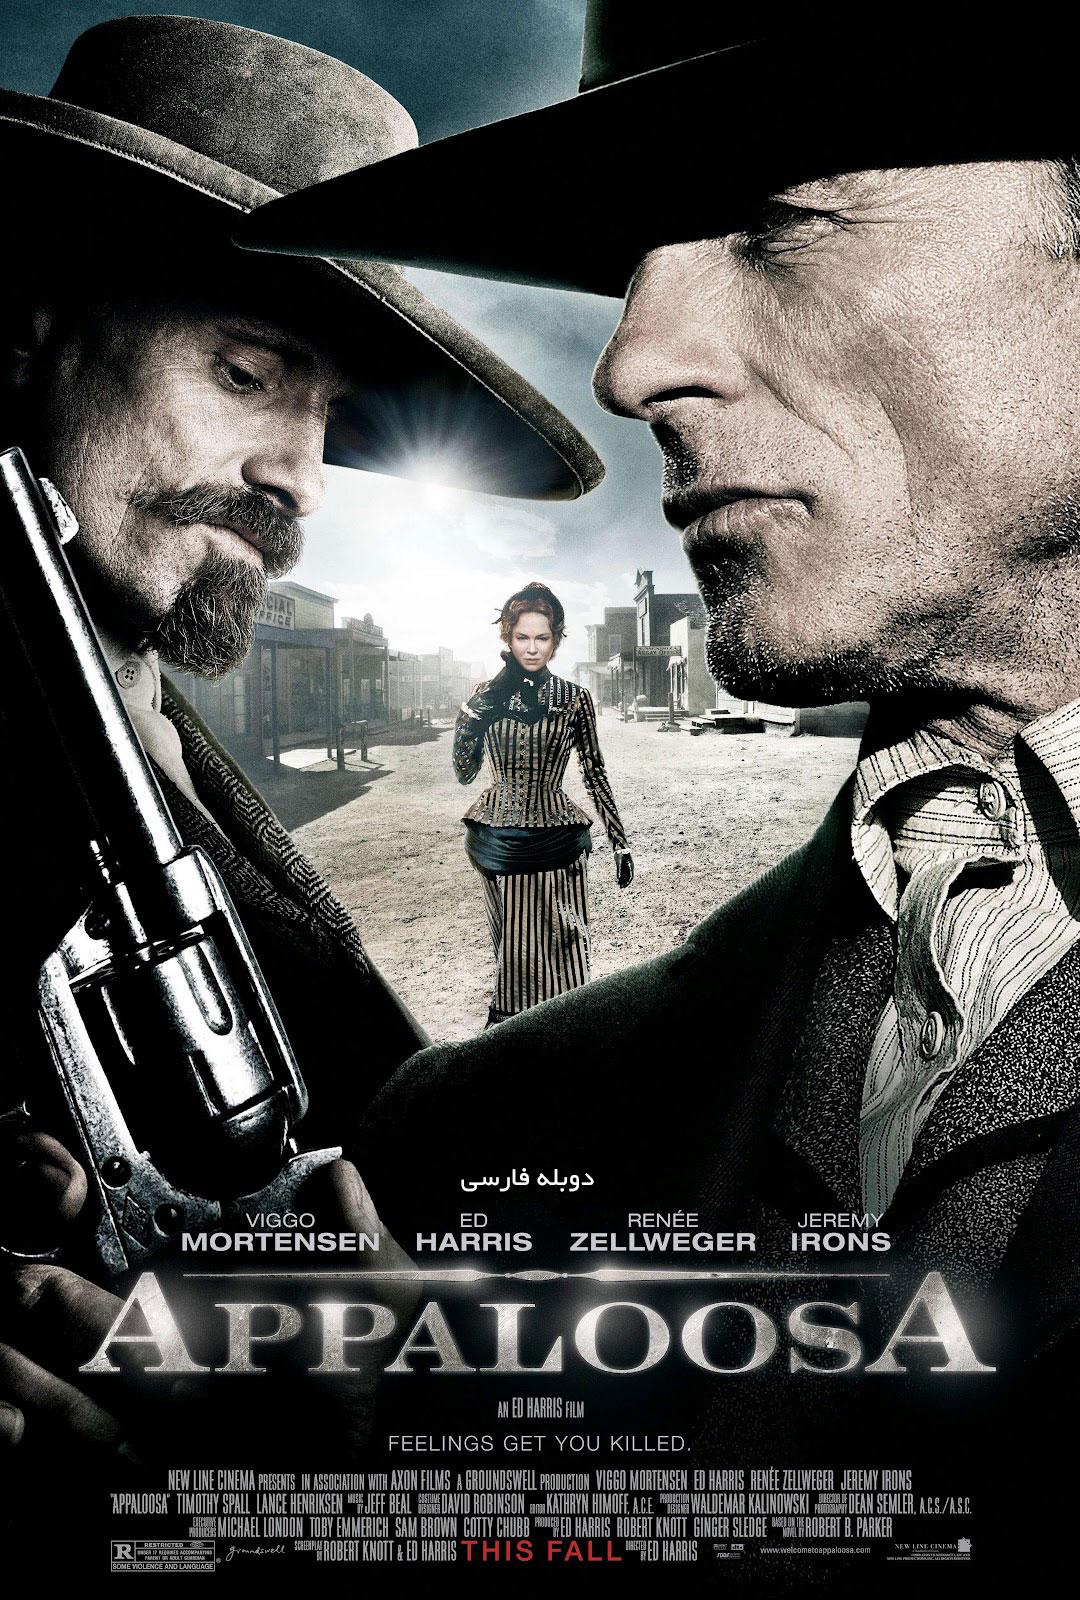 دانلود فیلم آپالوسا Appaloosa - دانلود فیلم آپالوسا Appaloosa دوبله فارسی